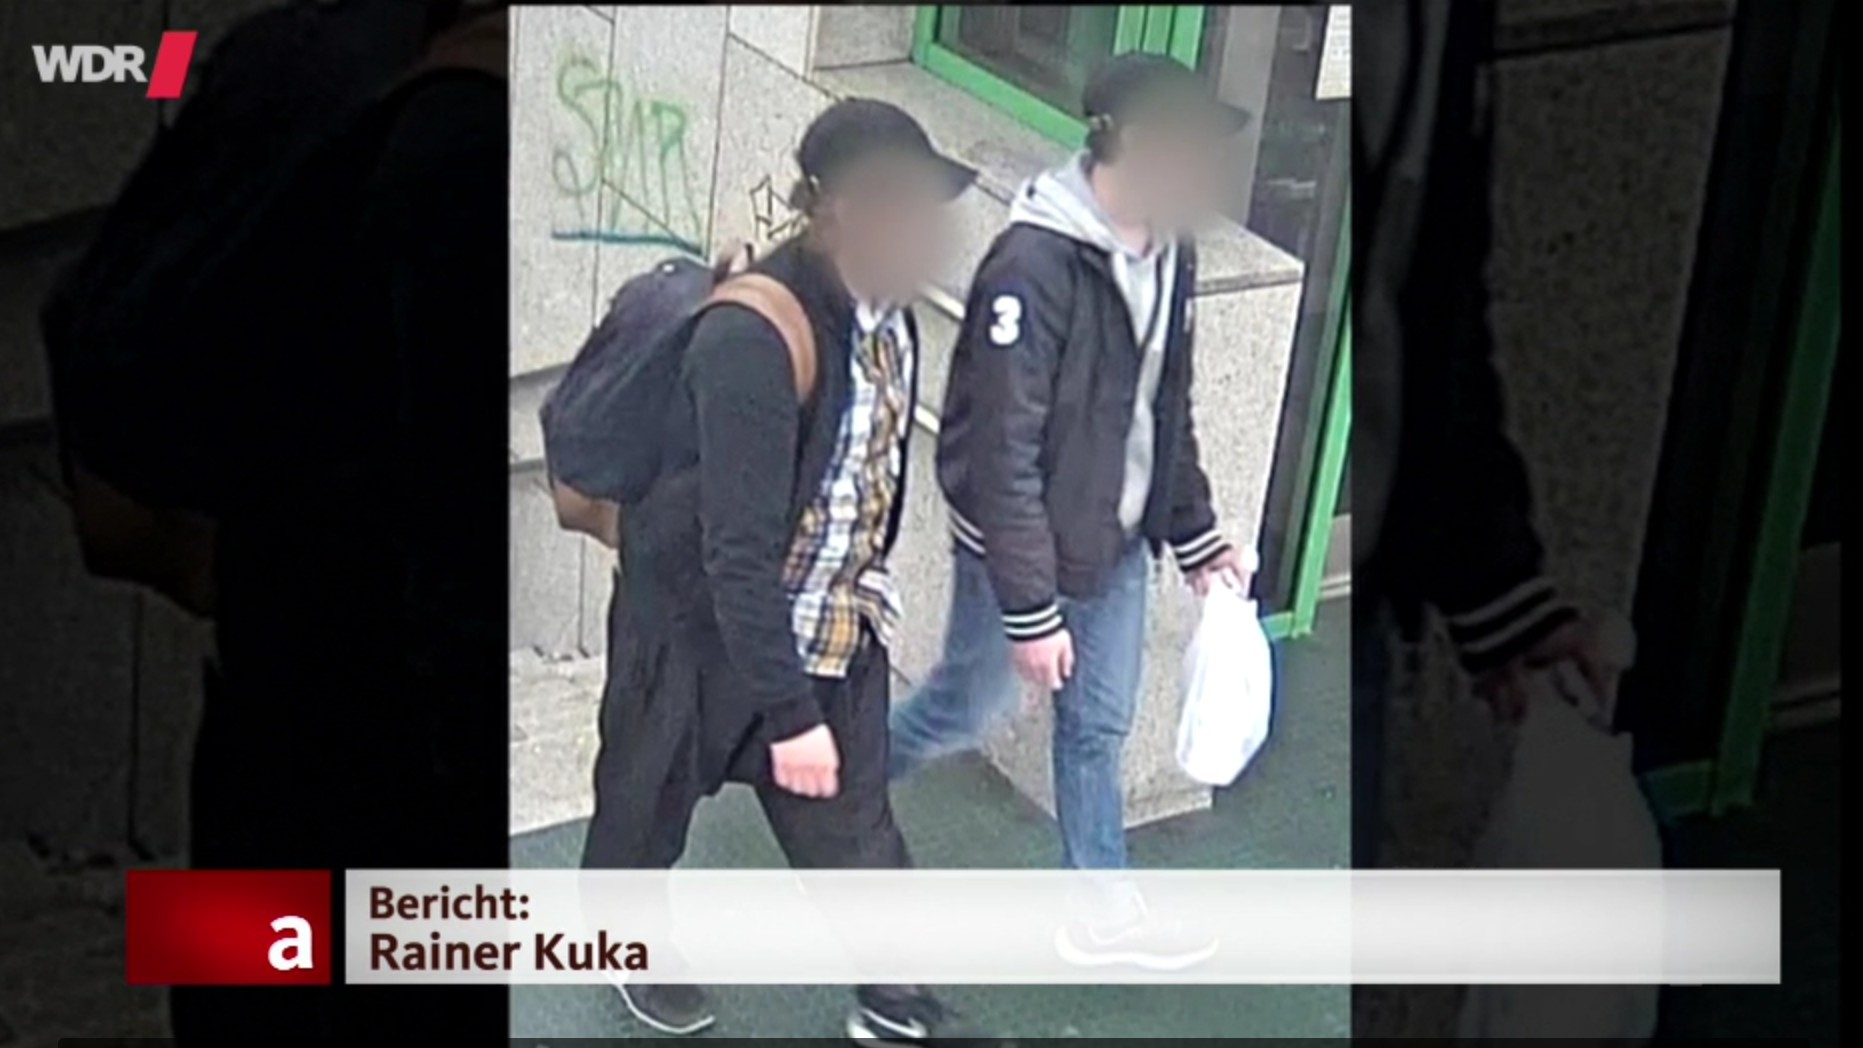 Allemagne : arrestation d'adolescents salafistes soupçonnés de vouloir commettre un attentat